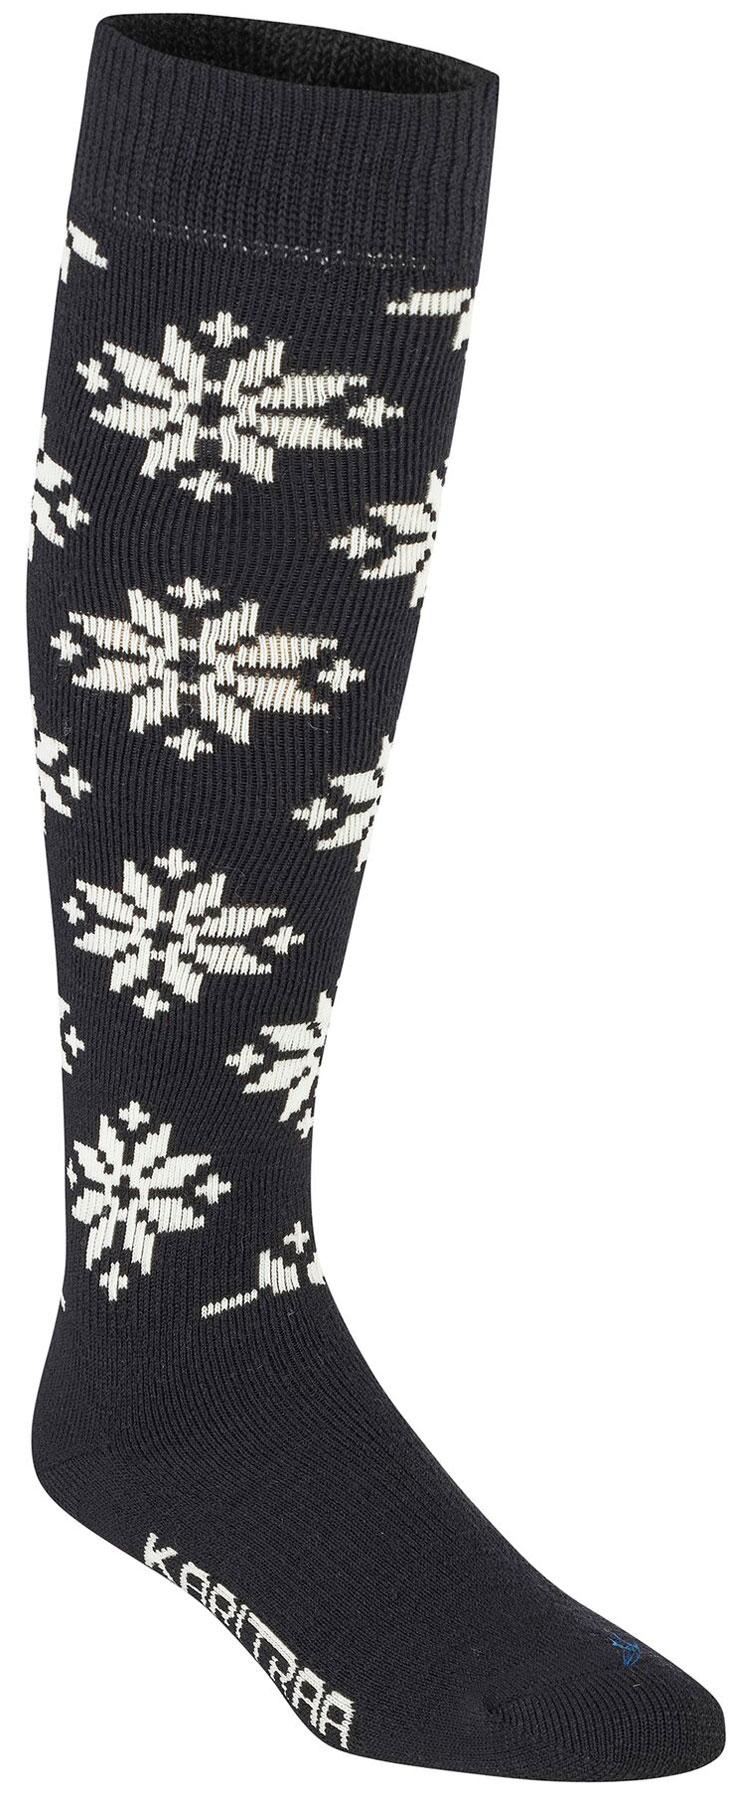 Kari Traa Rose Sock Women's - black